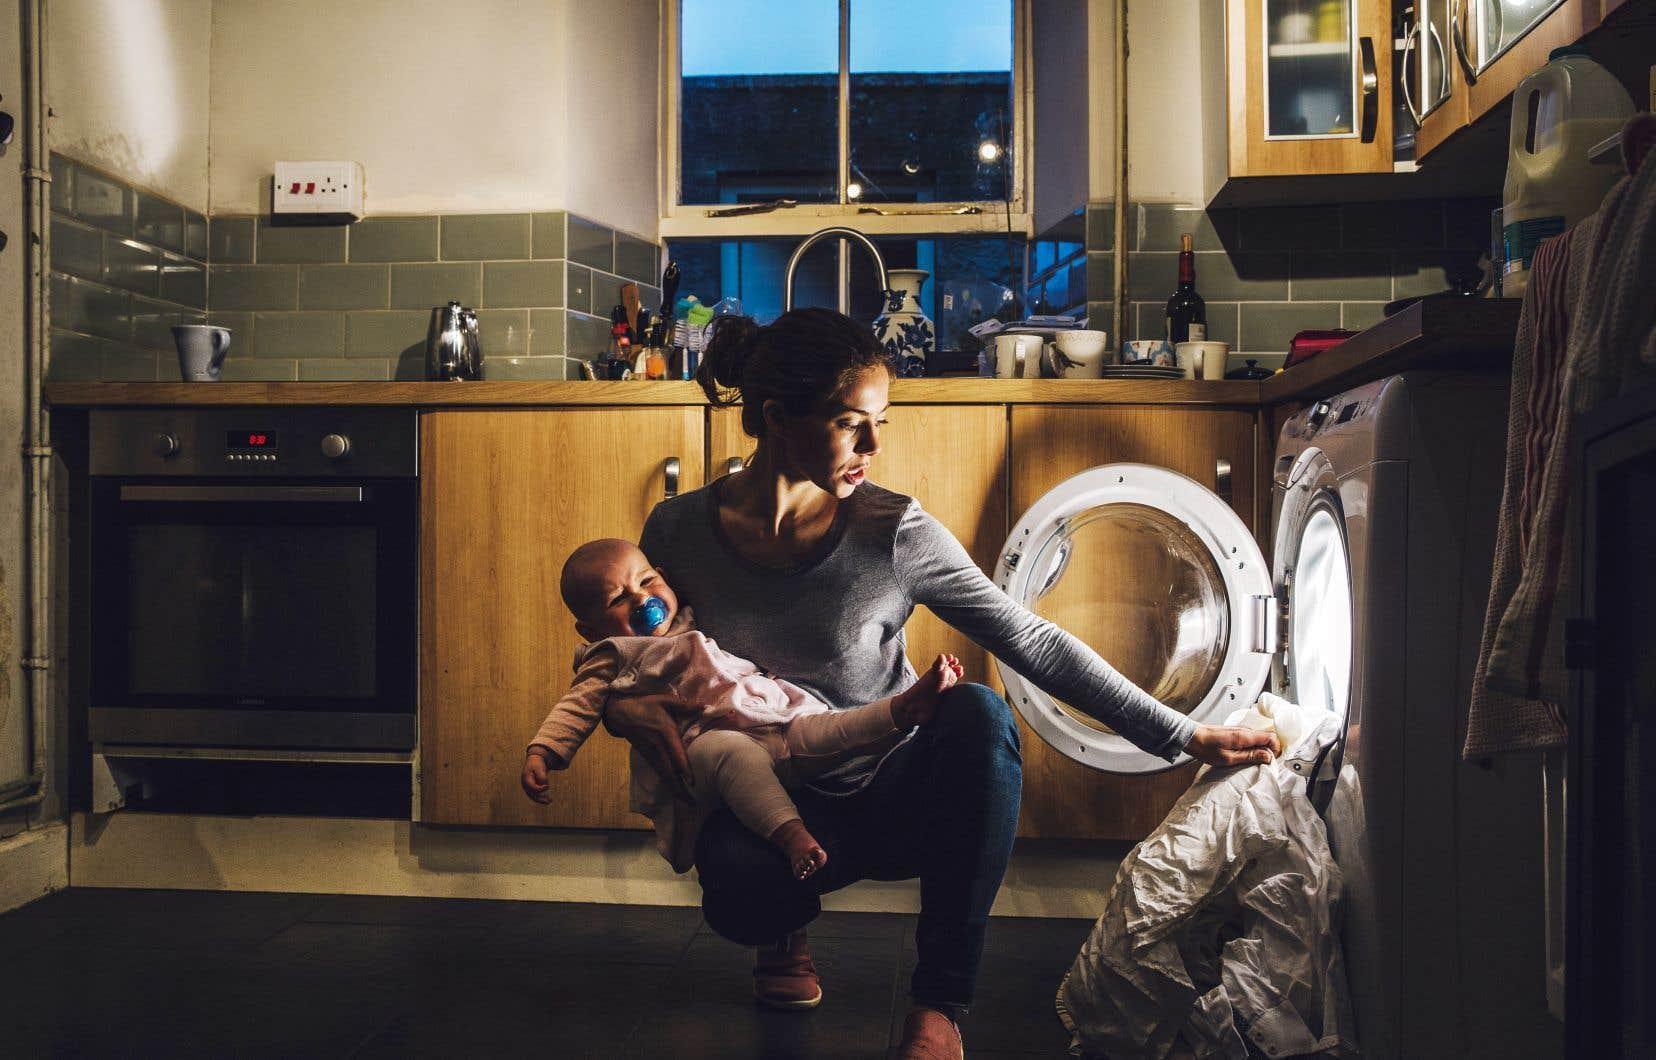 Les femmes sont encore aujourd'hui responsables de la vaste majorité des tâches ménagères.